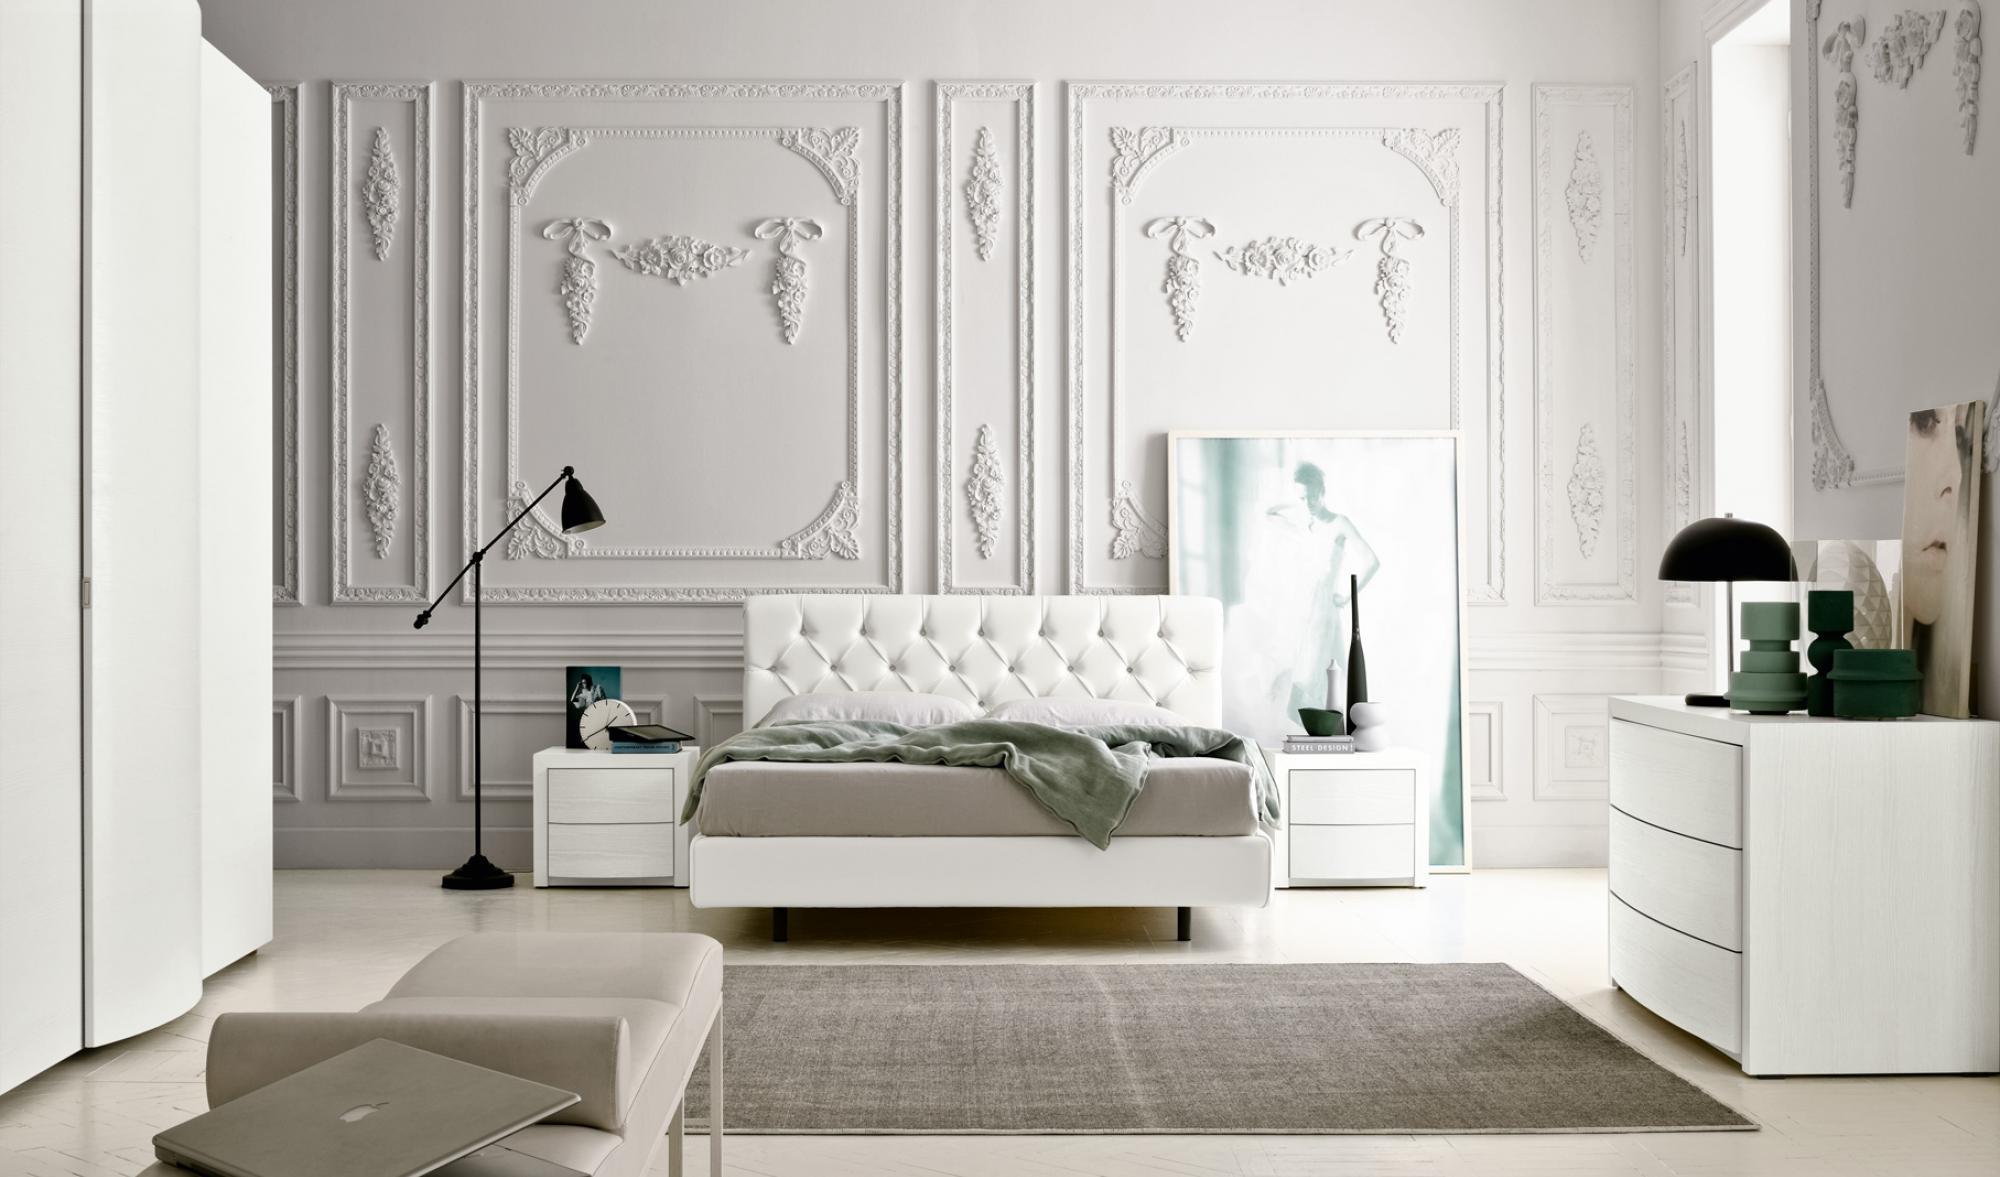 Stunning colombini camere da letto photos for Spazio arredamenti caltagirone